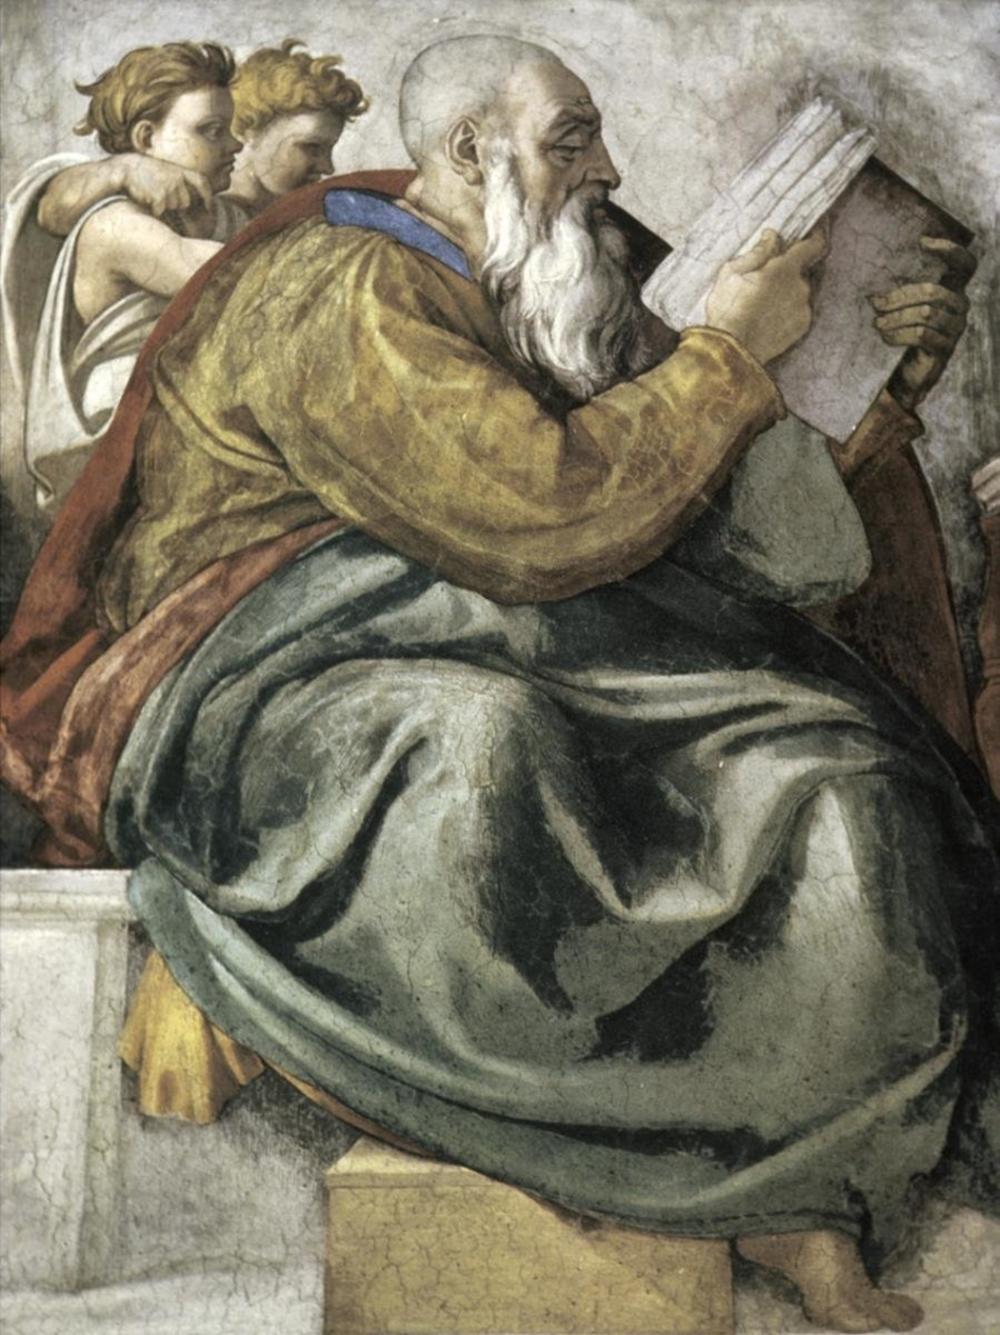 MICHELANGELO - THE PROPHET ZECHARIAH